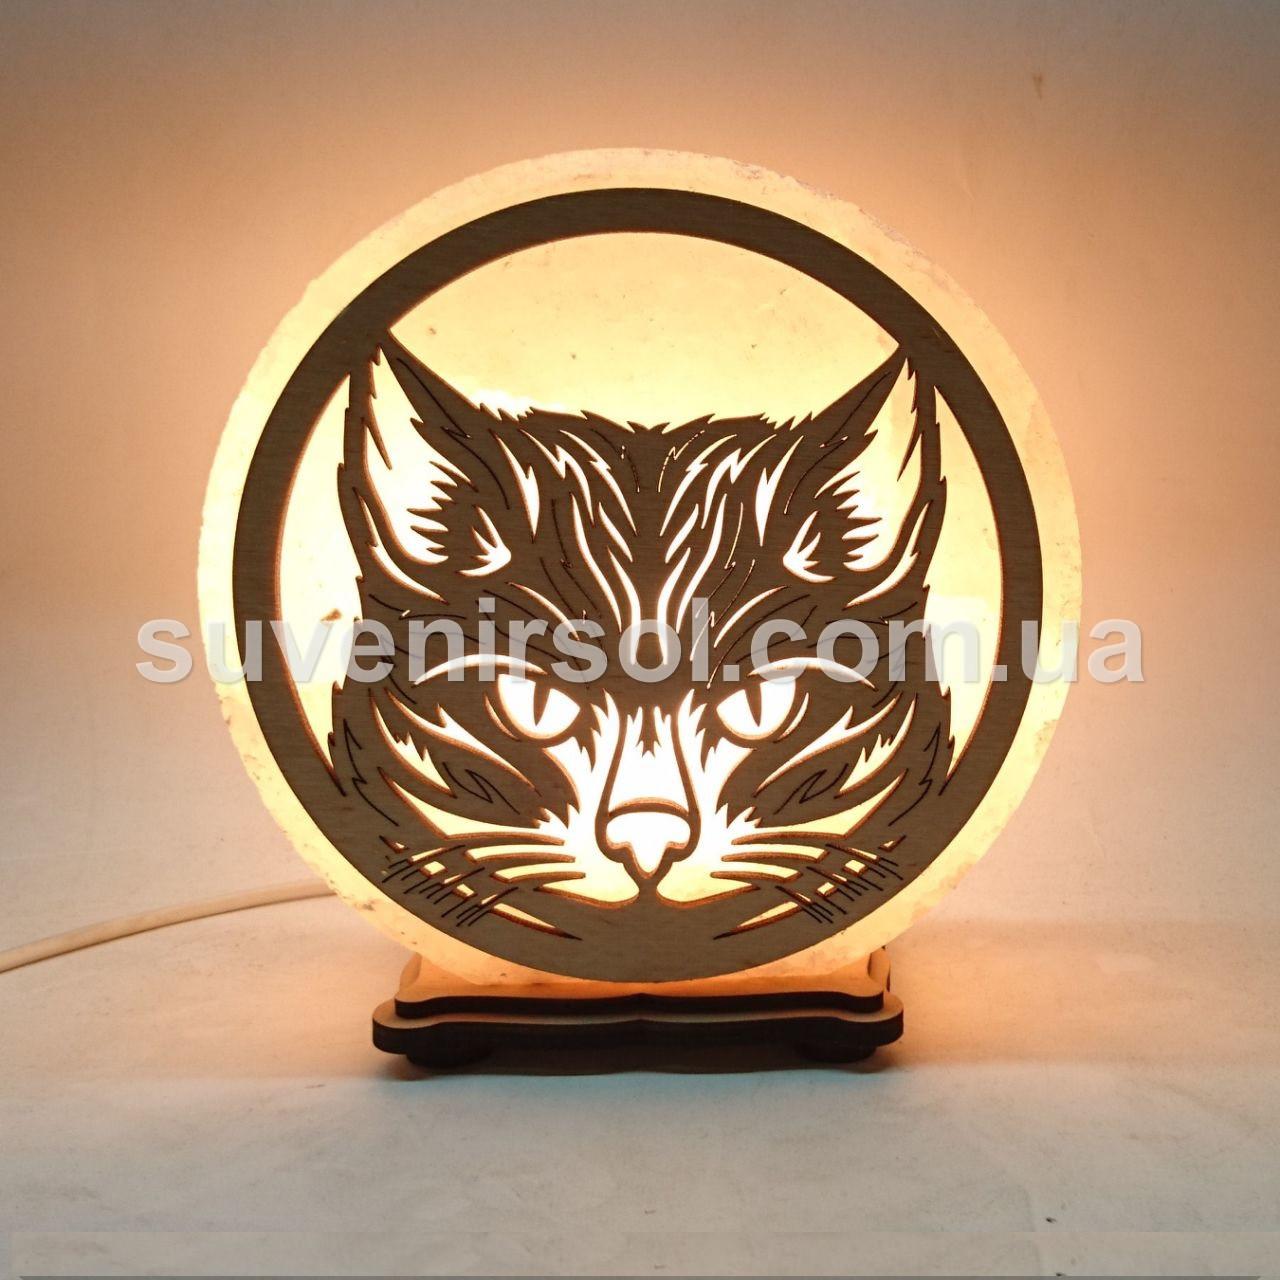 Соляний світильник круглий Кіт